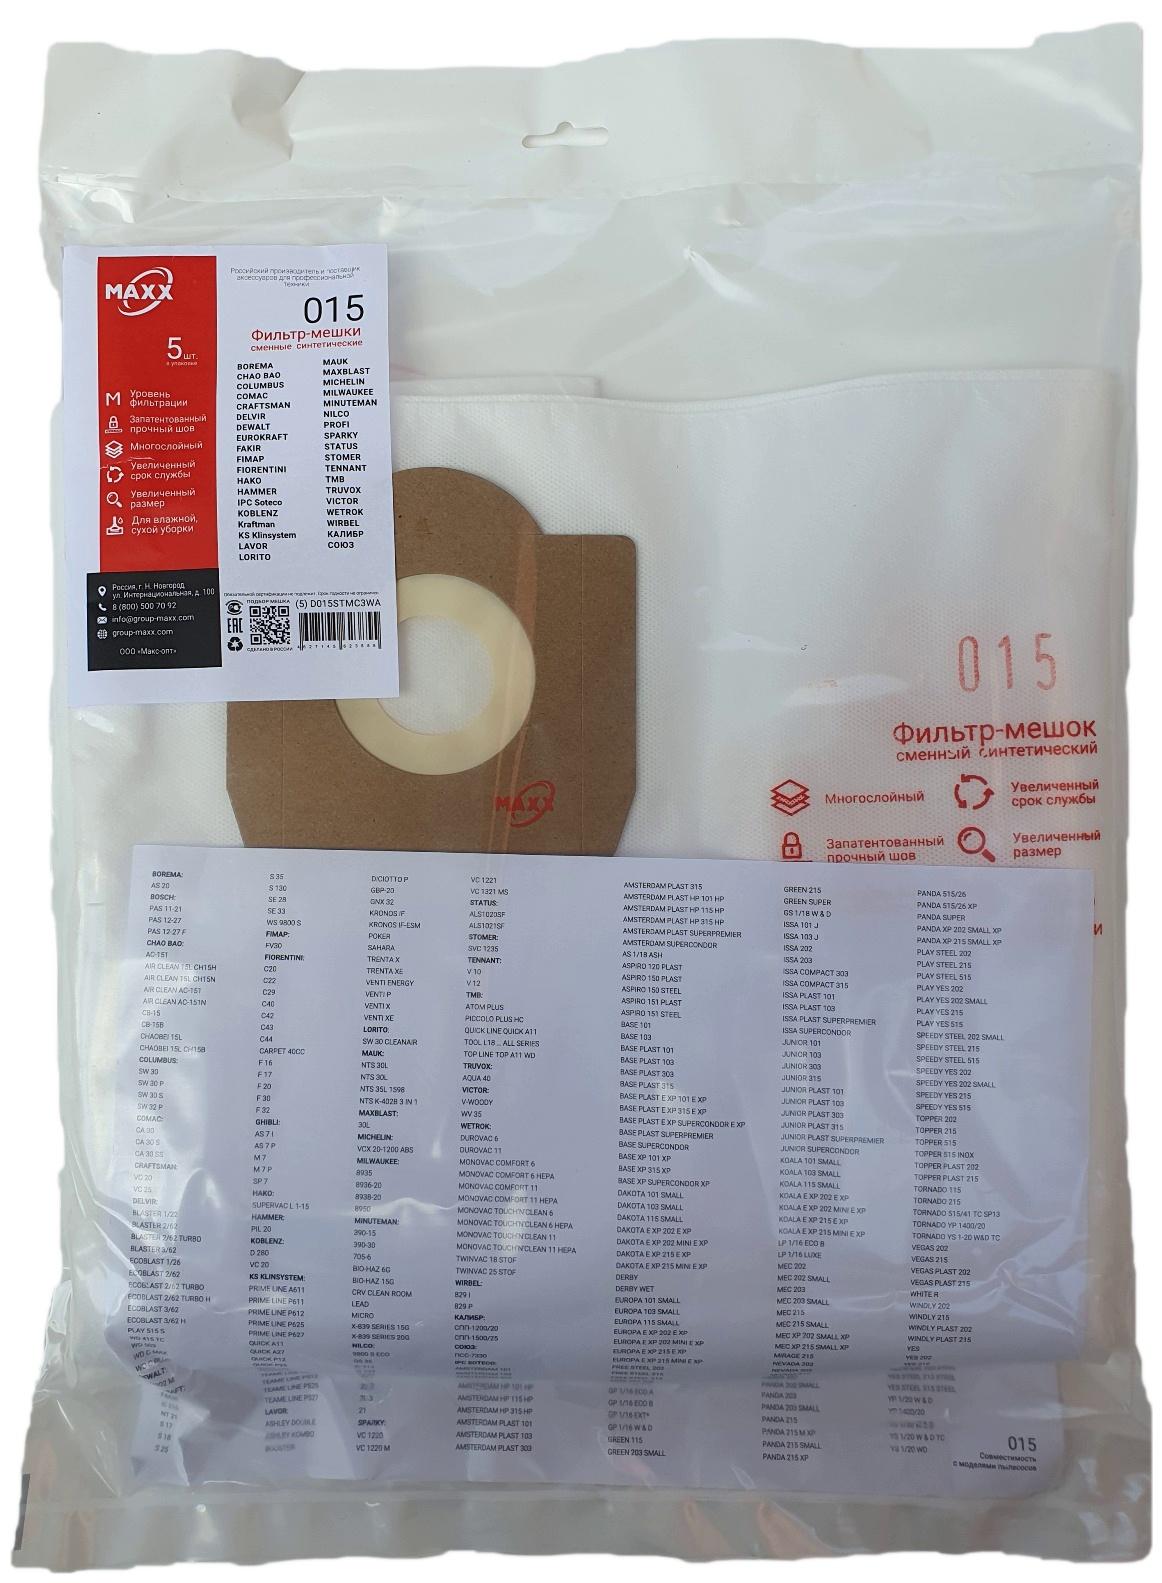 Пылесборники MAXX 015 для промышленных пылесосов, 5 шт. недорго, оригинальная цена